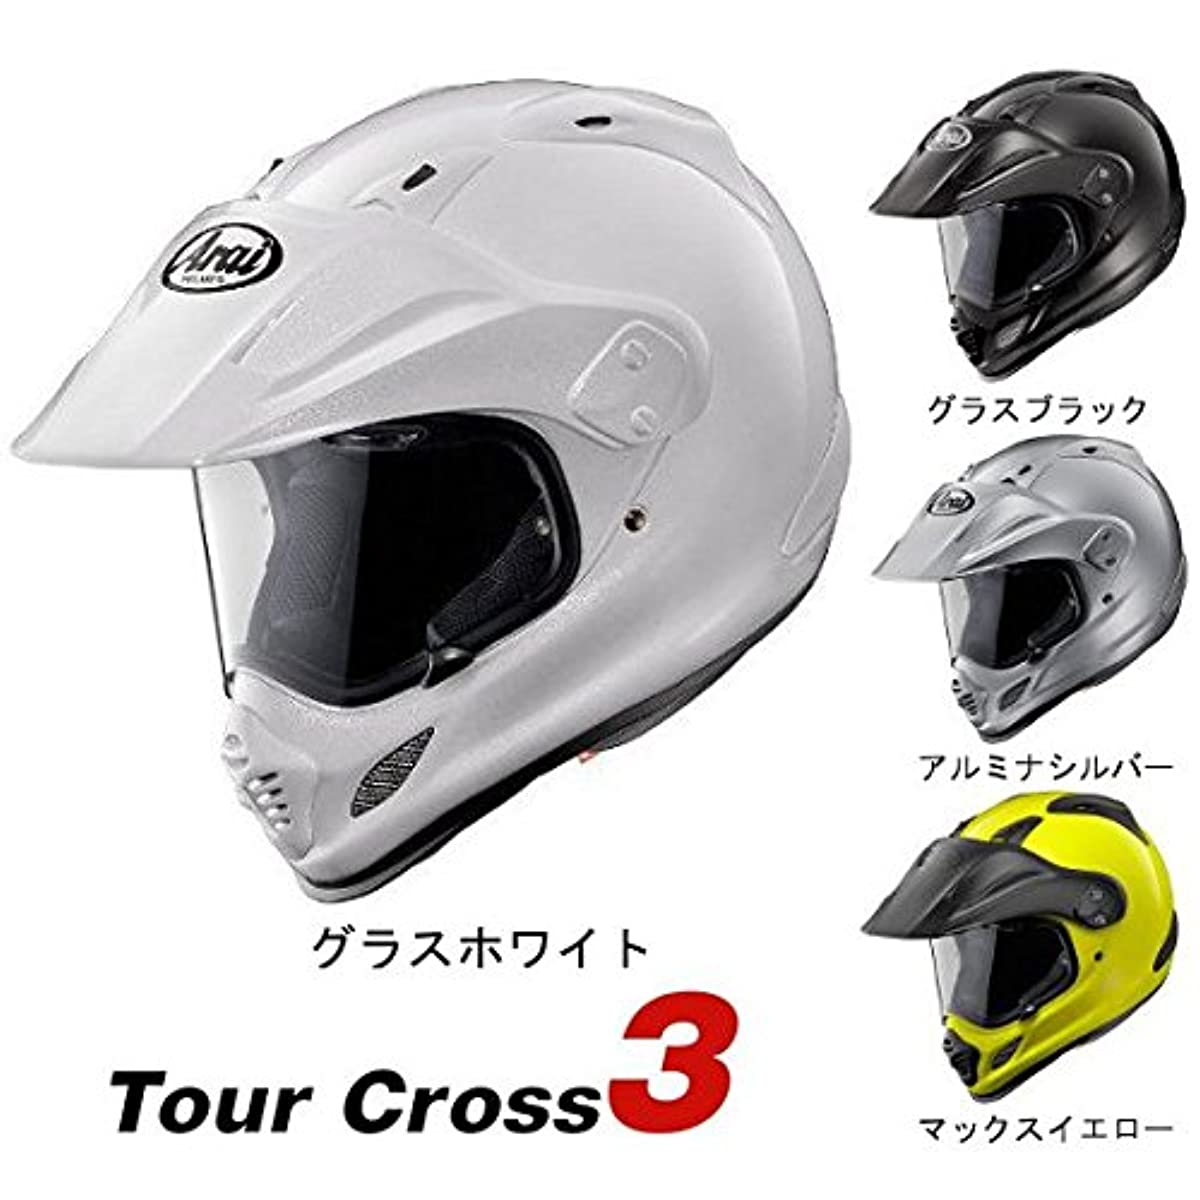 [해외] 아라이 오토바이 헬멧 오프로드 TOUR-CROSS 3 글래스 화이트 L 59-60CM